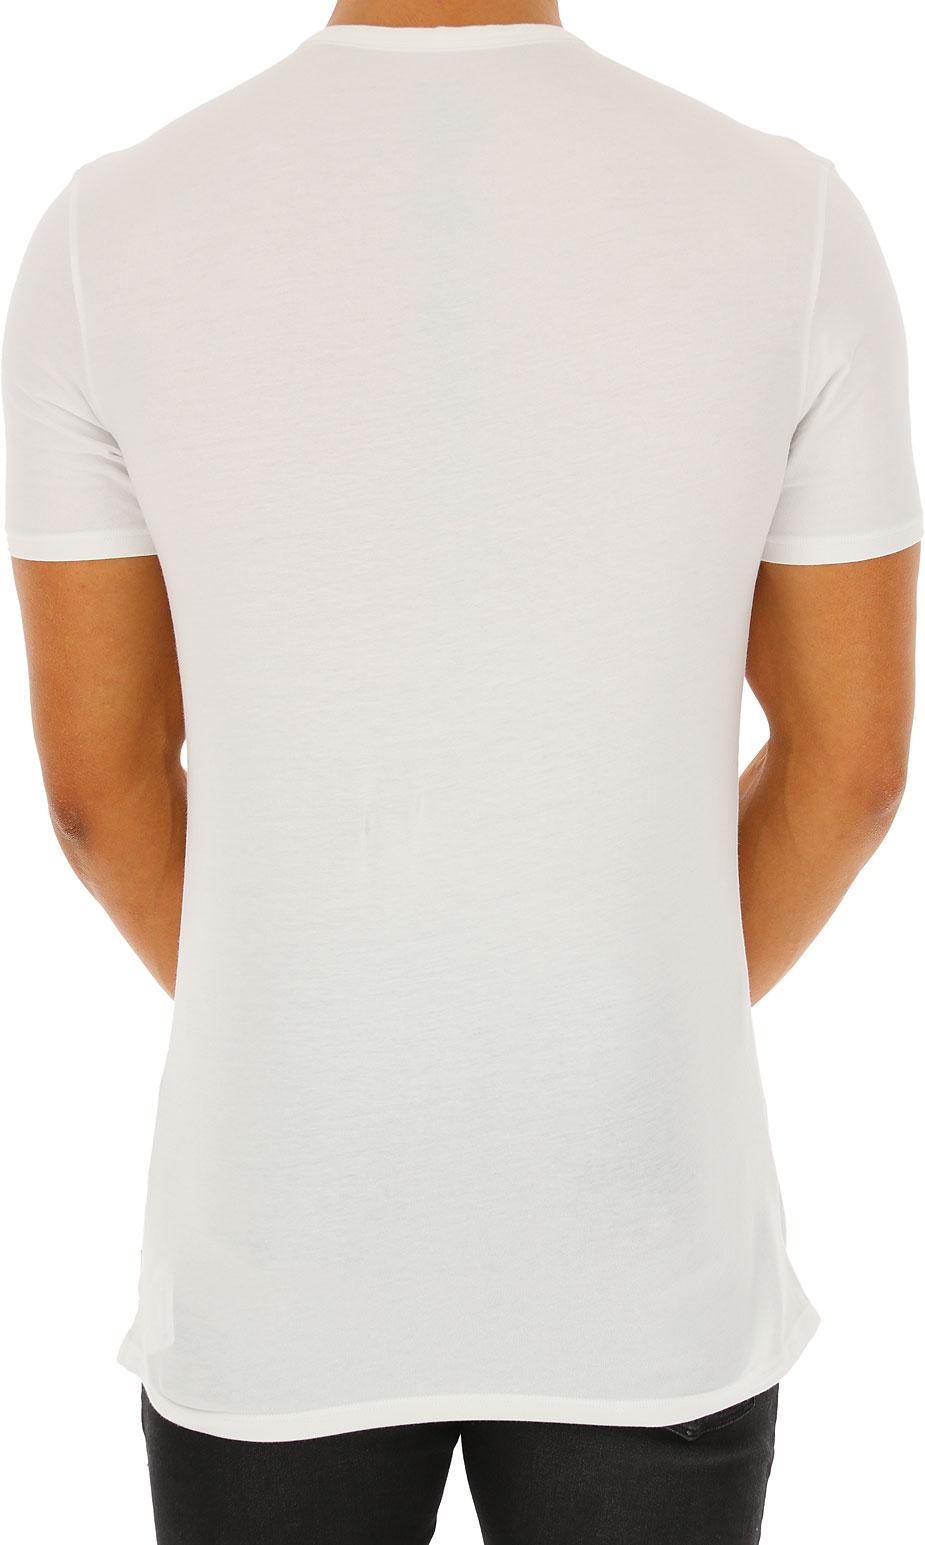 Abbigliamento Uomo Calvin Klein, Codice Articolo: nu8697a-100-